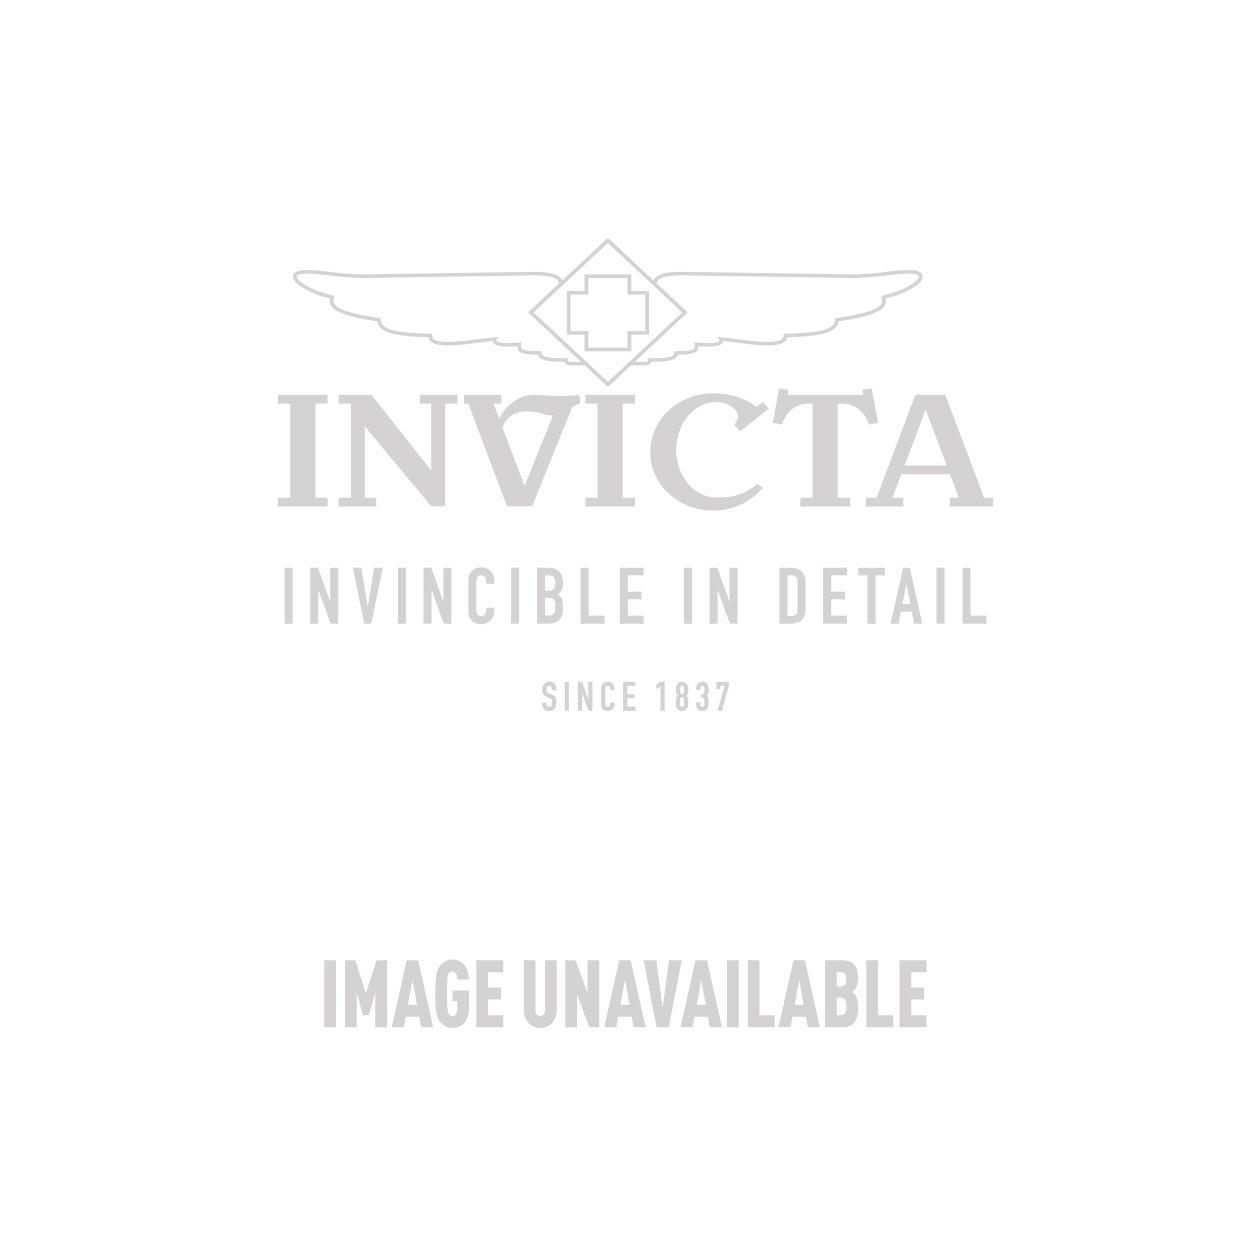 Invicta Model 25192